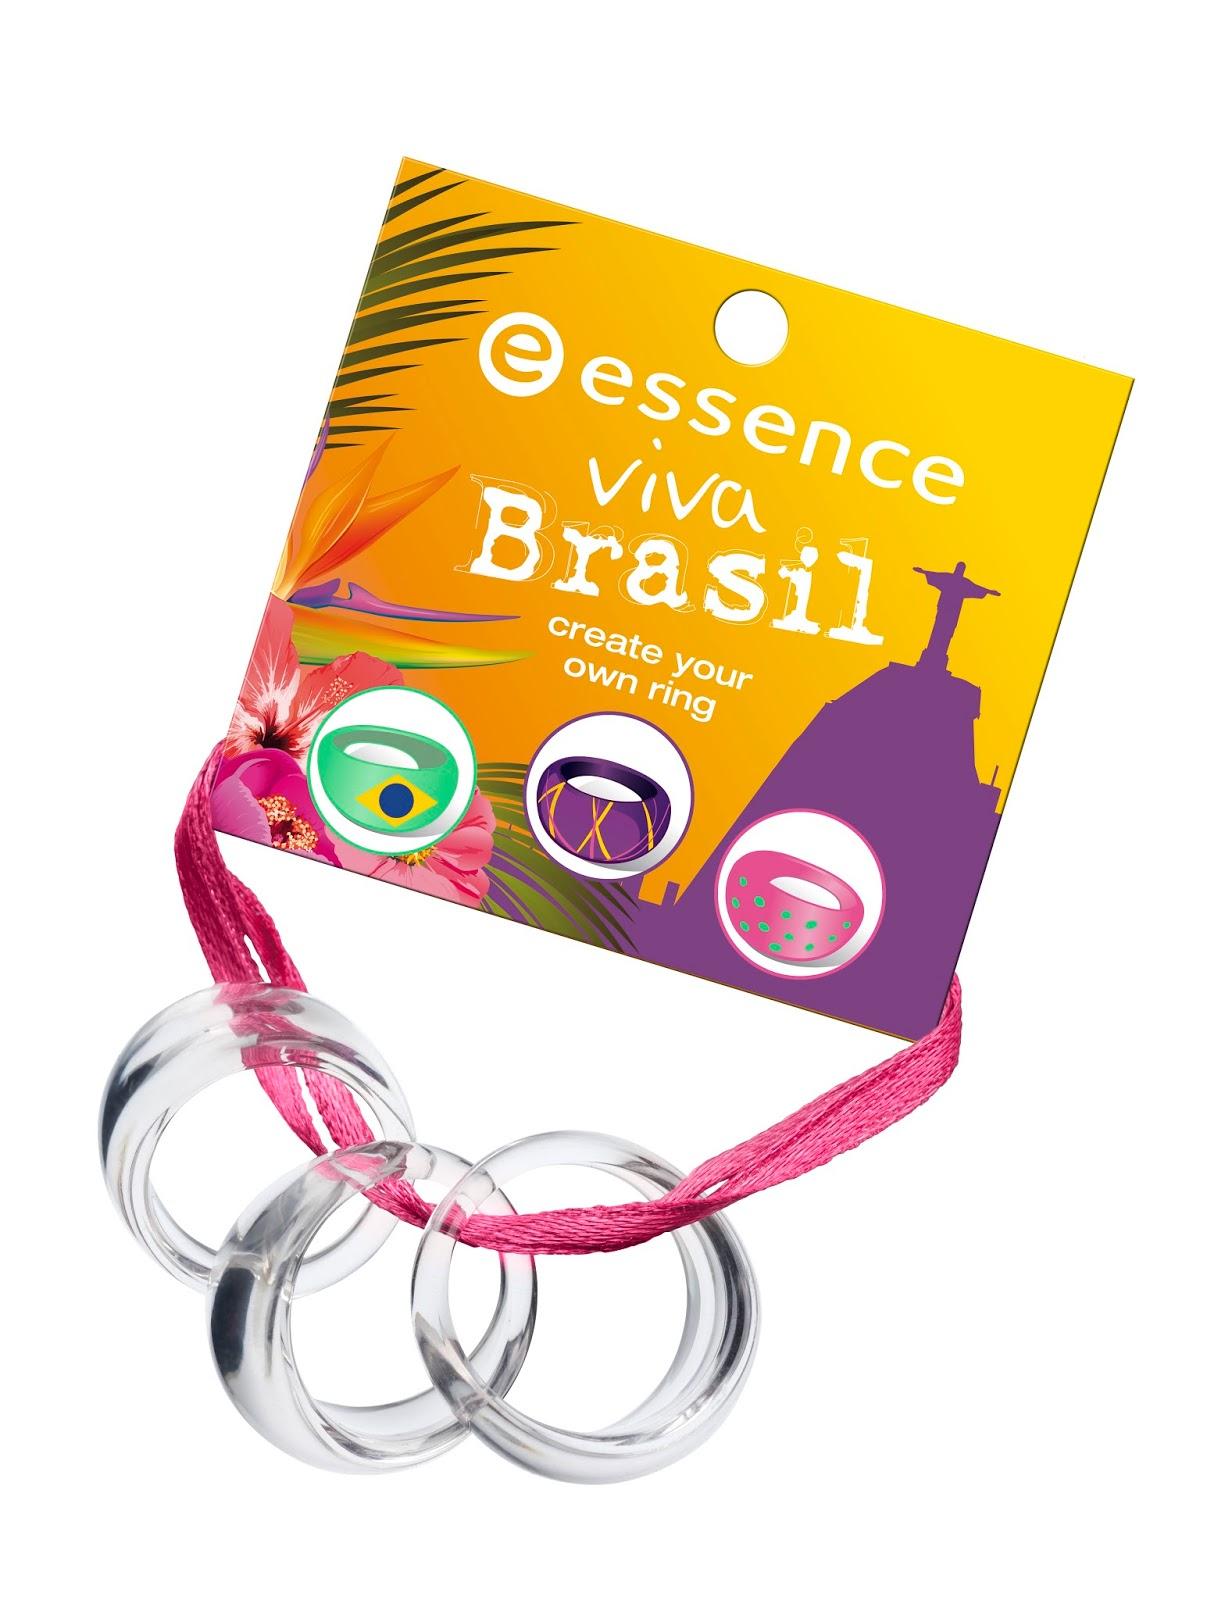 essence viva brasil – create your own ring